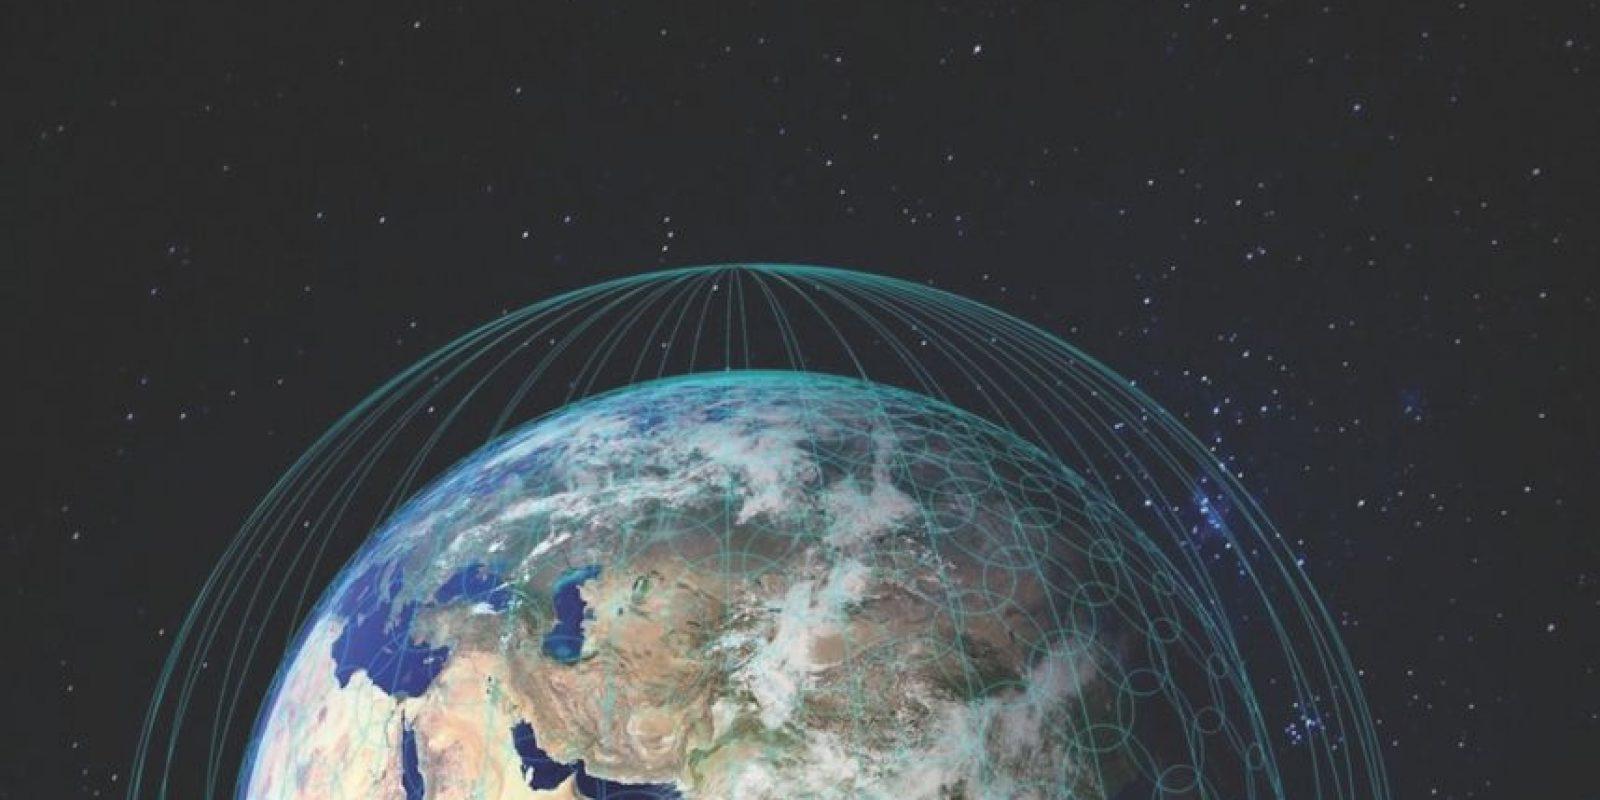 """Satélites. A principios de enero de 2015, Virgin y Qualcomm anunciaron que van a liderar las inversiones de una """"constelación"""" de satélites que se compone de 648 satélites de bajo peso, baja órbita, y baja latencia que trabajará con los proveedores de móviles en tierra para proporcionar alta conectividad de Internet de alta velocidad en las zonas en las que es demasiado caro para proporcionarlo convencionalmente. Foto:FOCUS"""